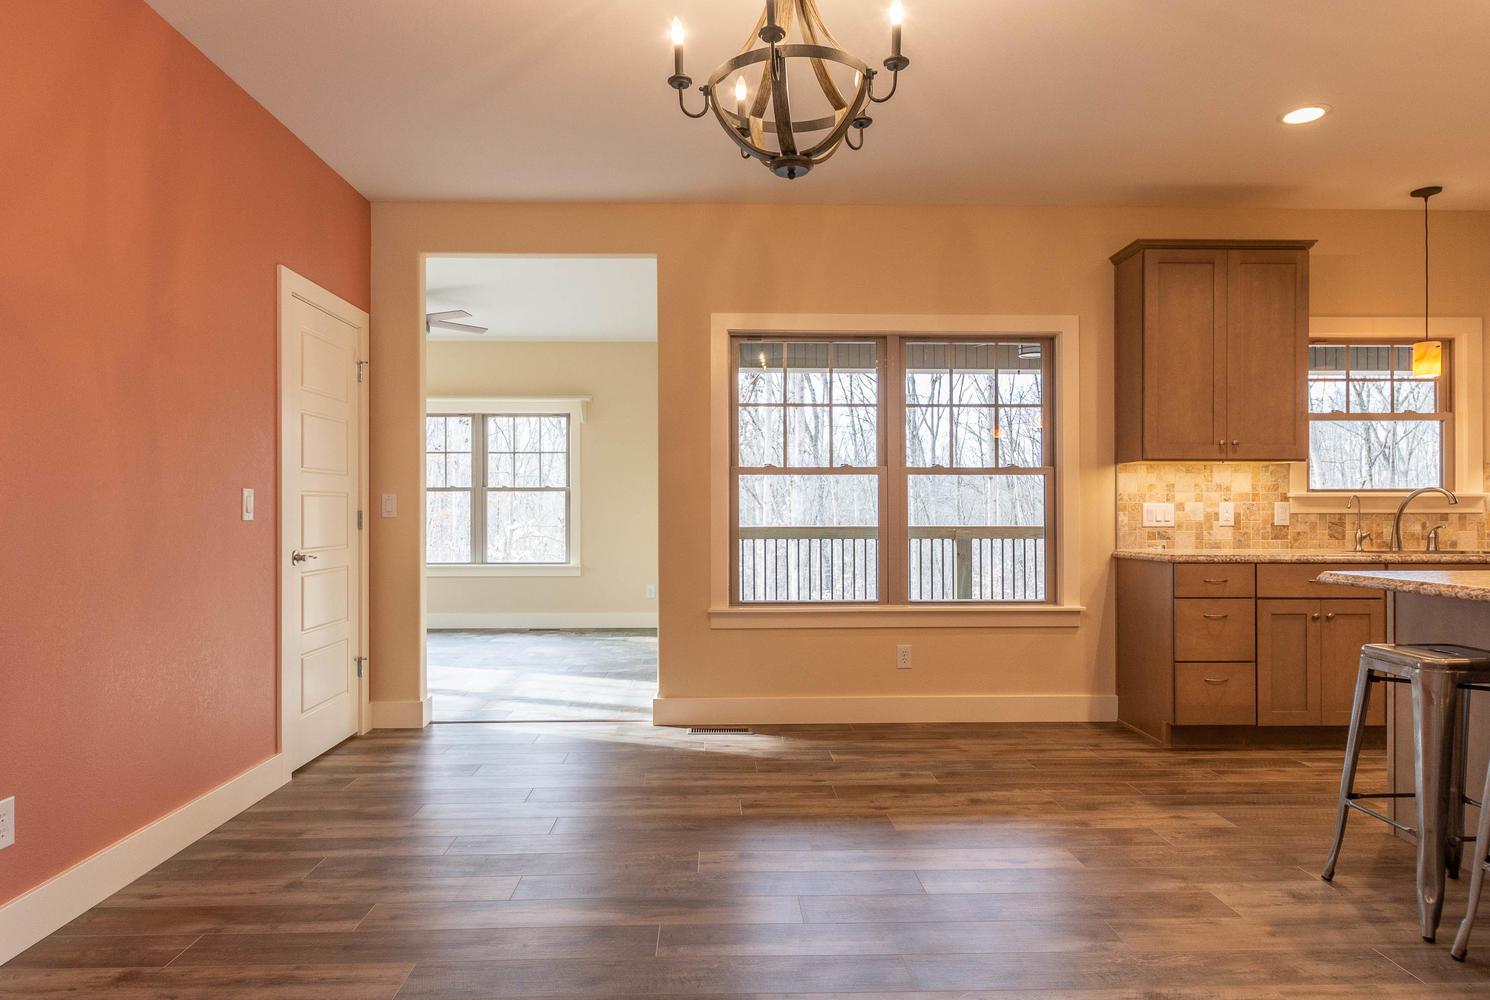 157 W Hilltop Lane Nashville-large-011-88-Dining Room-1491×1000-72dpi